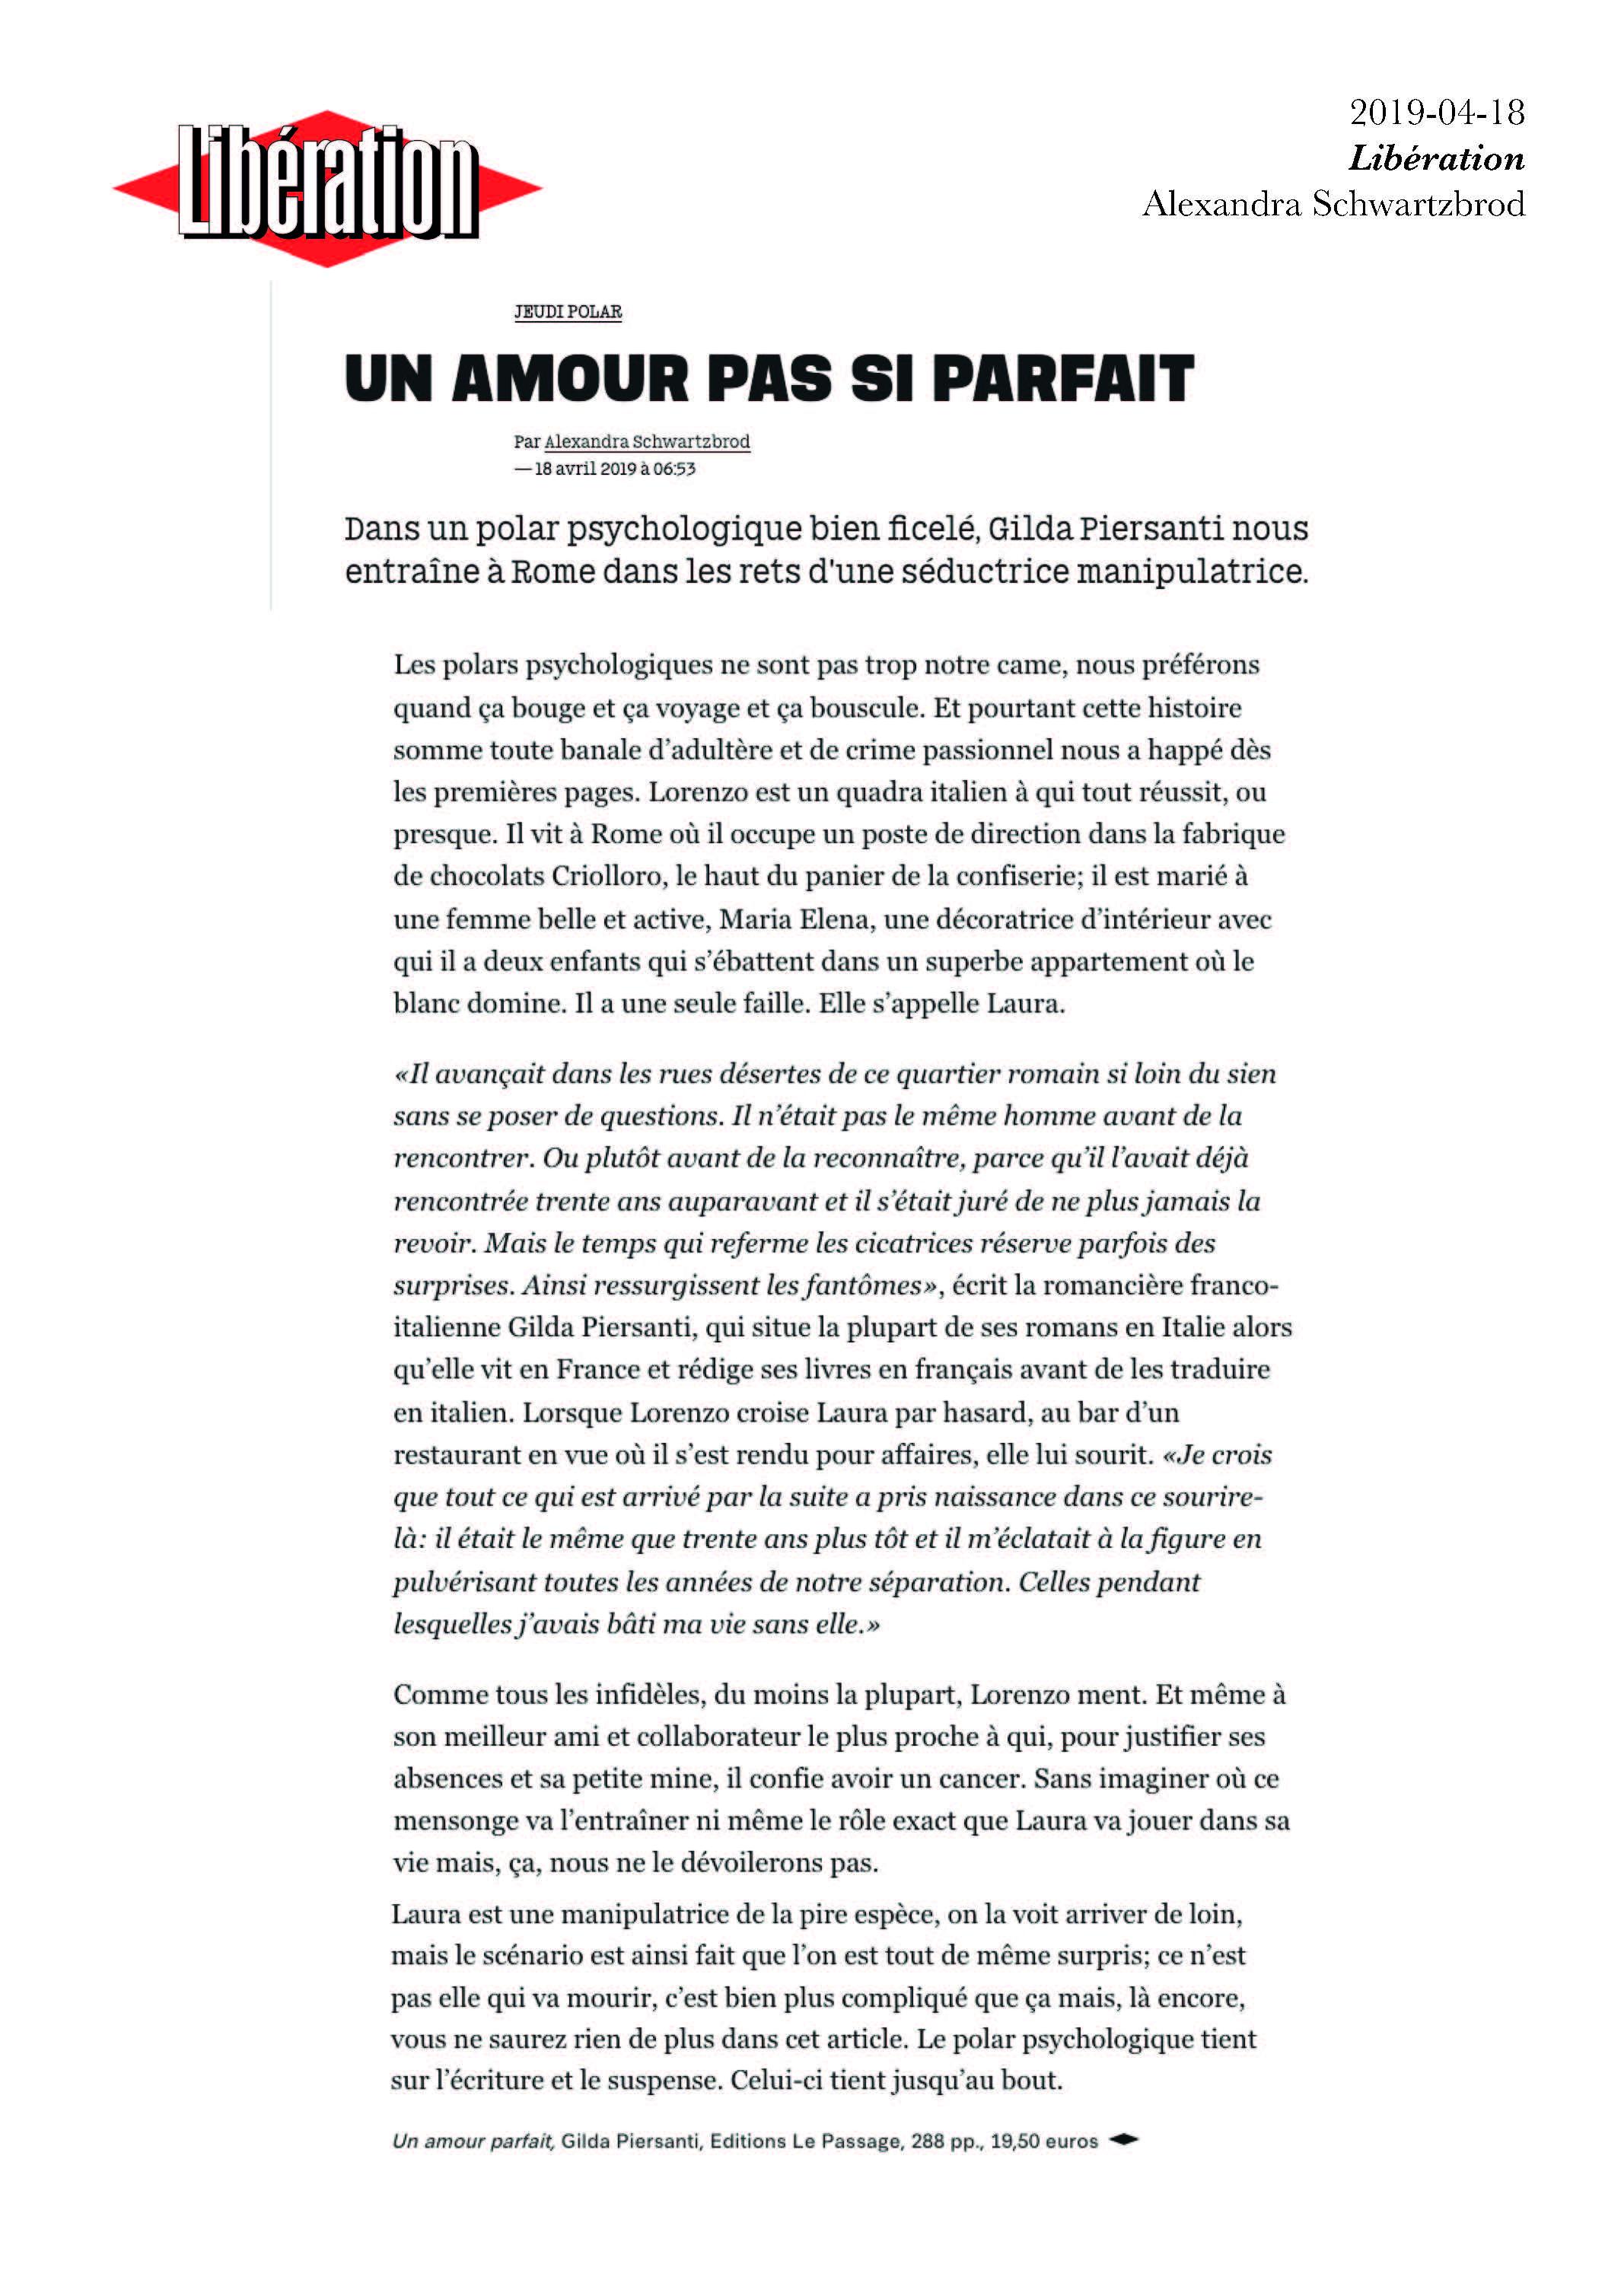 2019-04-18-Libération